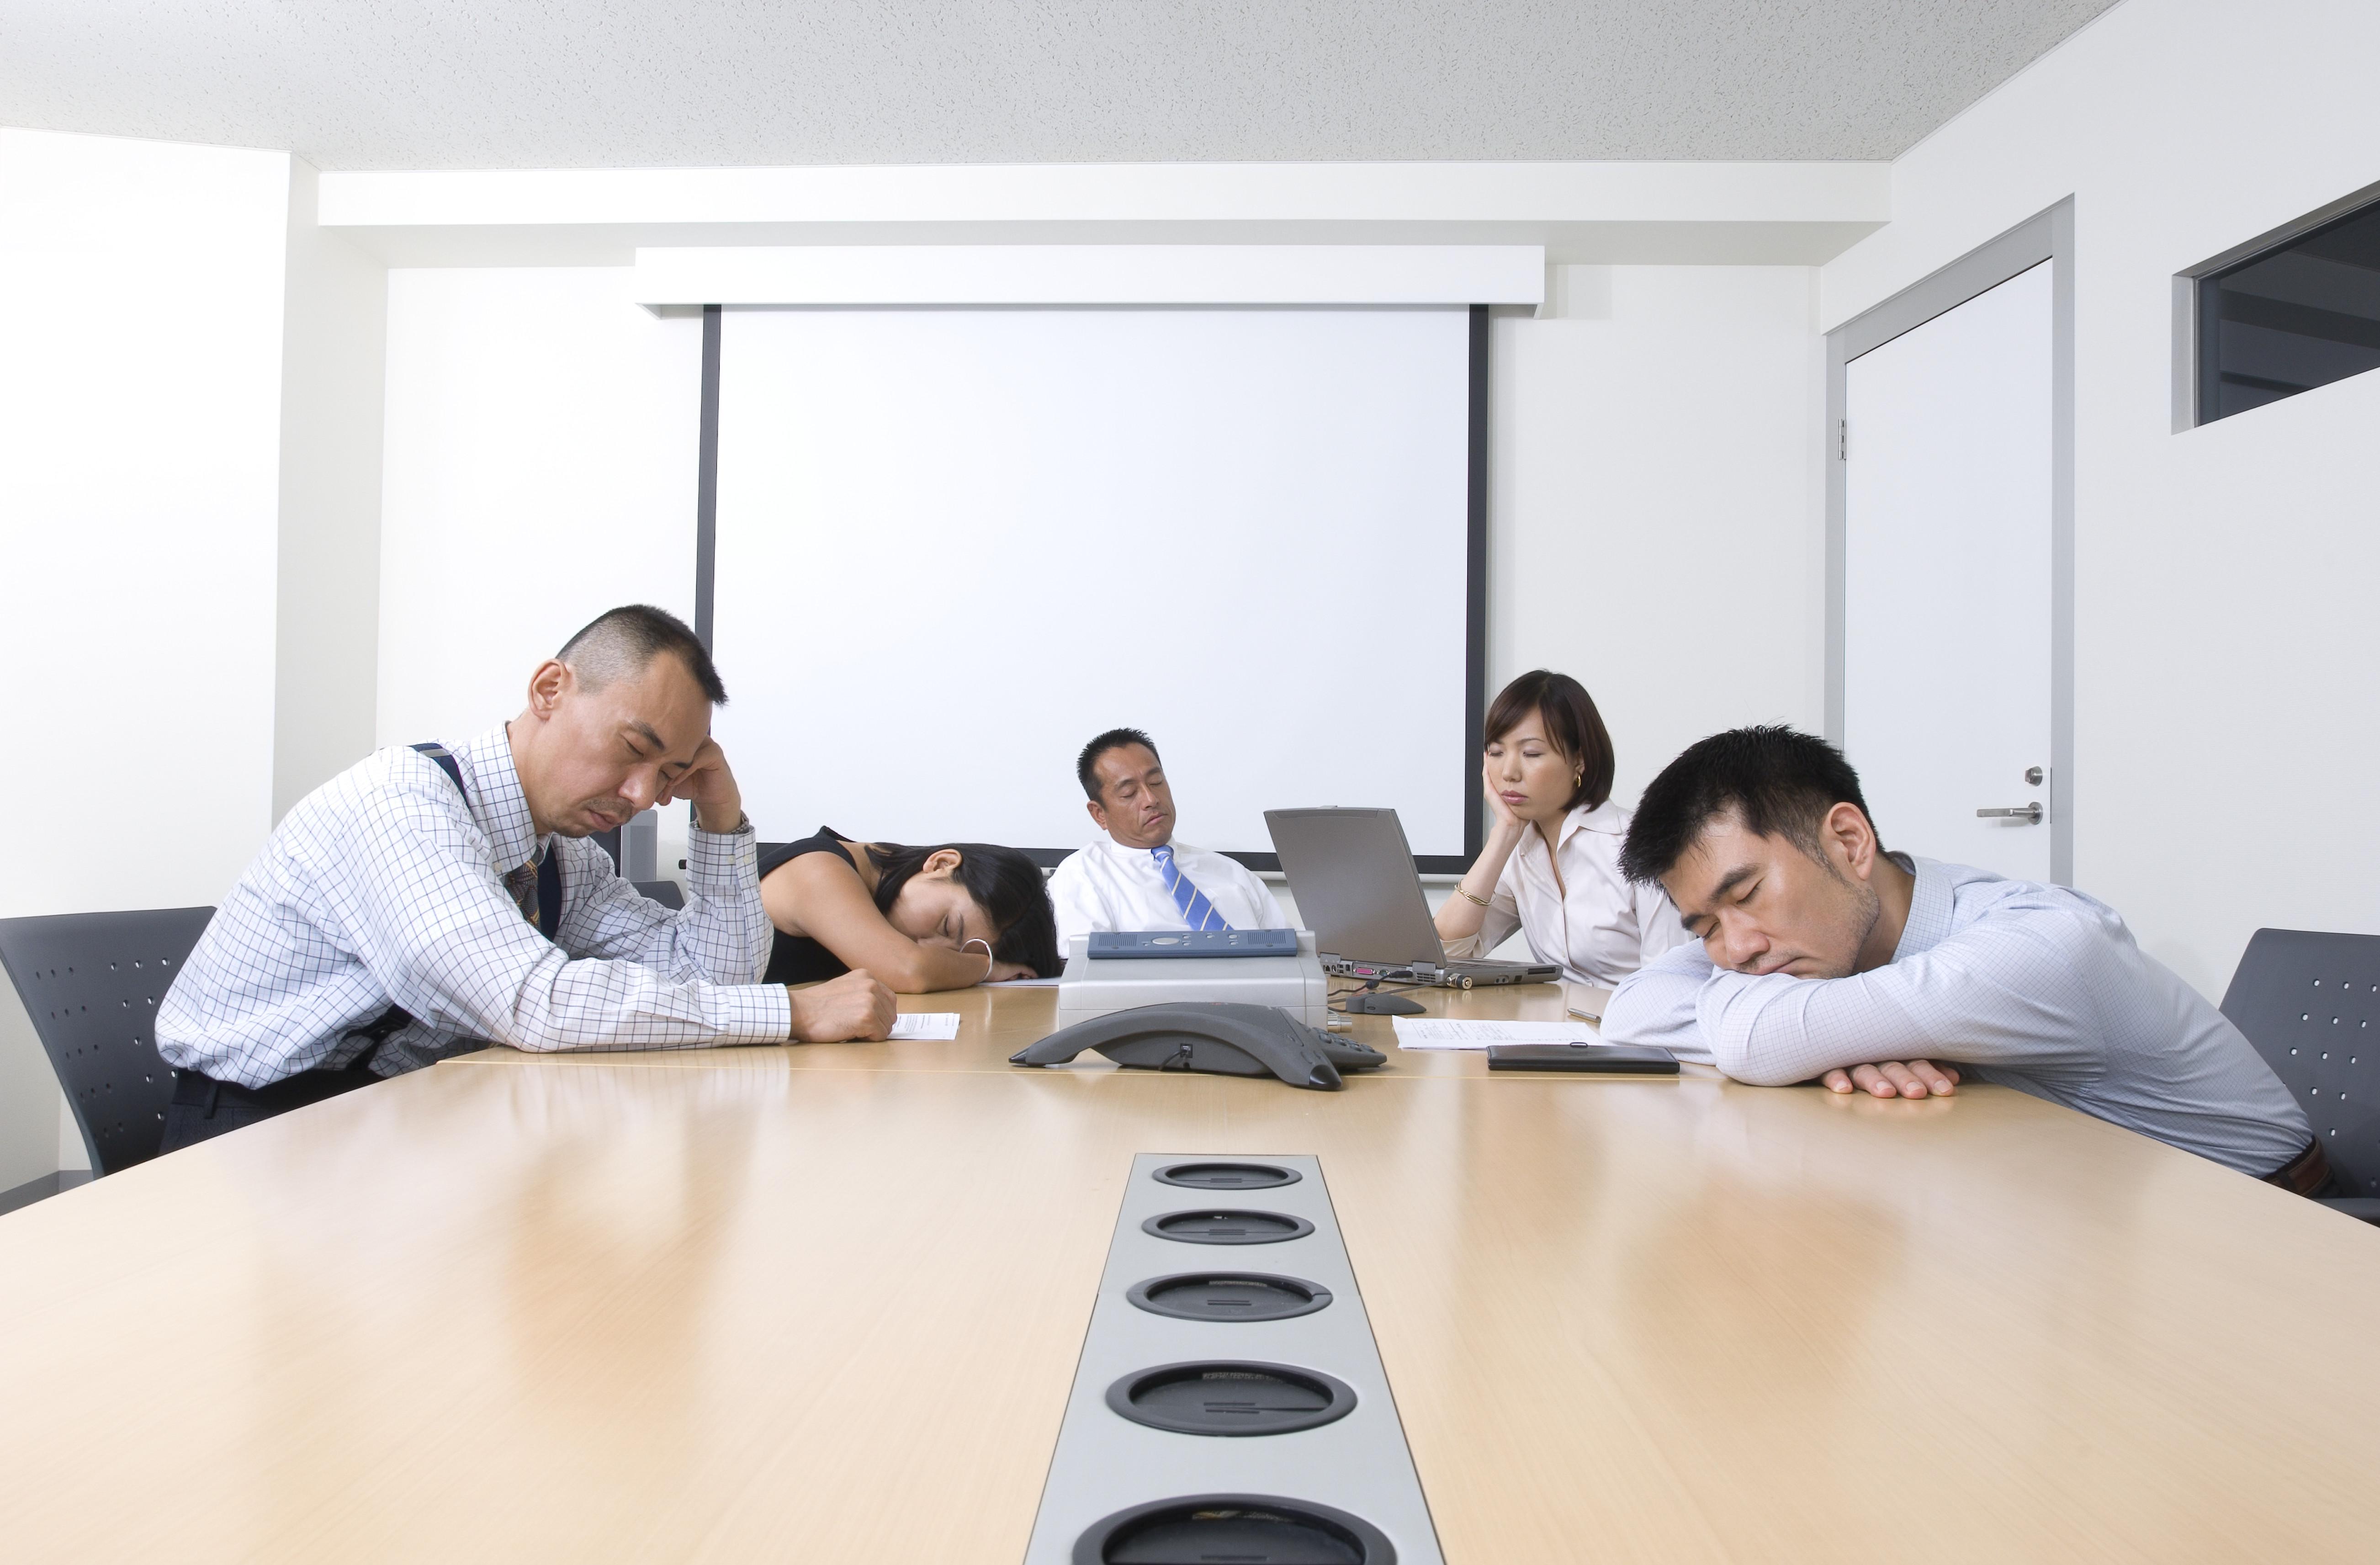 Boring meeting